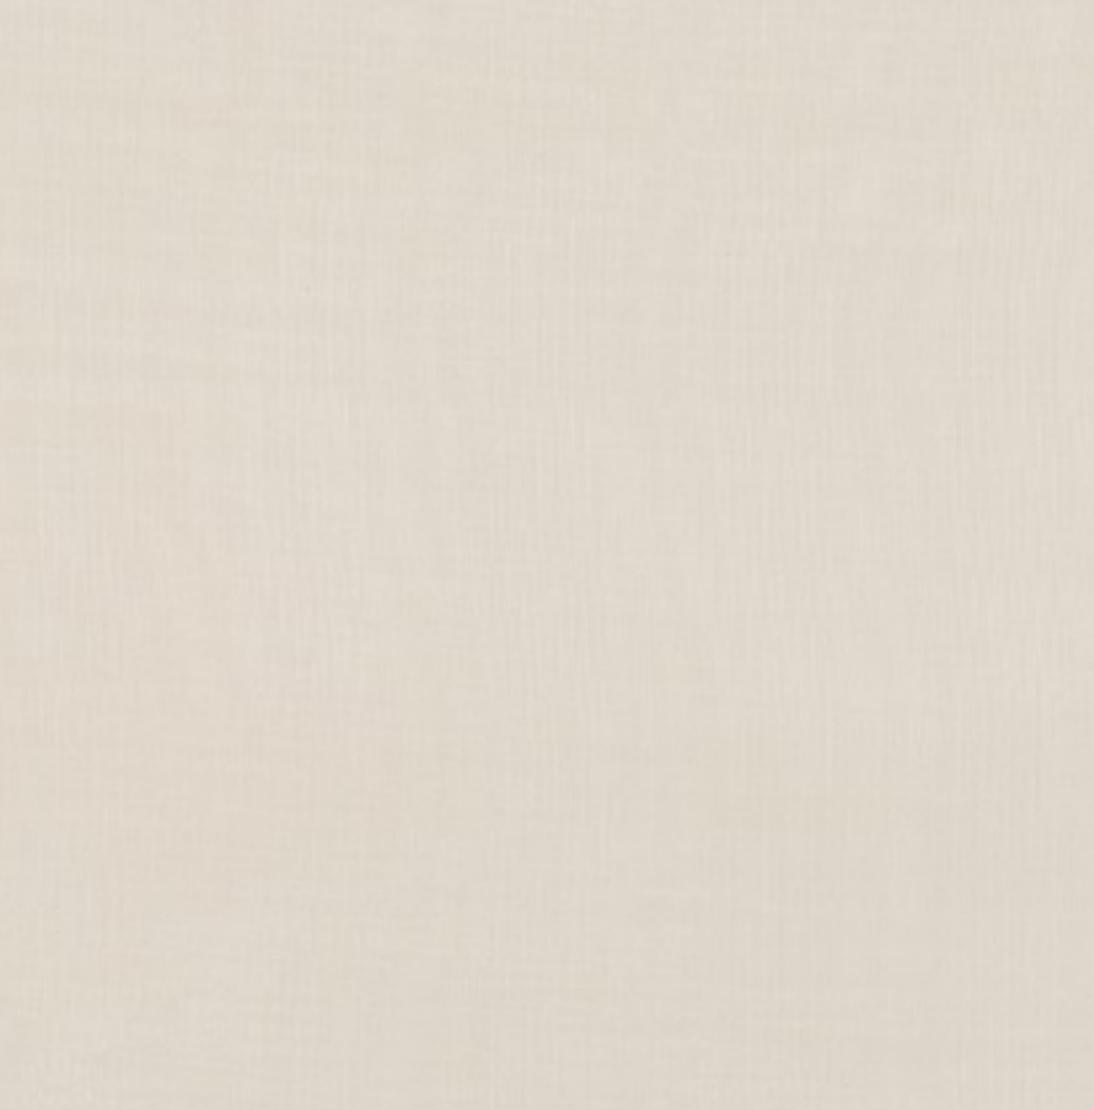 REMNANT - 1 3/4 yd - Bemberg Rayon Lining - Sand - Robert Kaufman